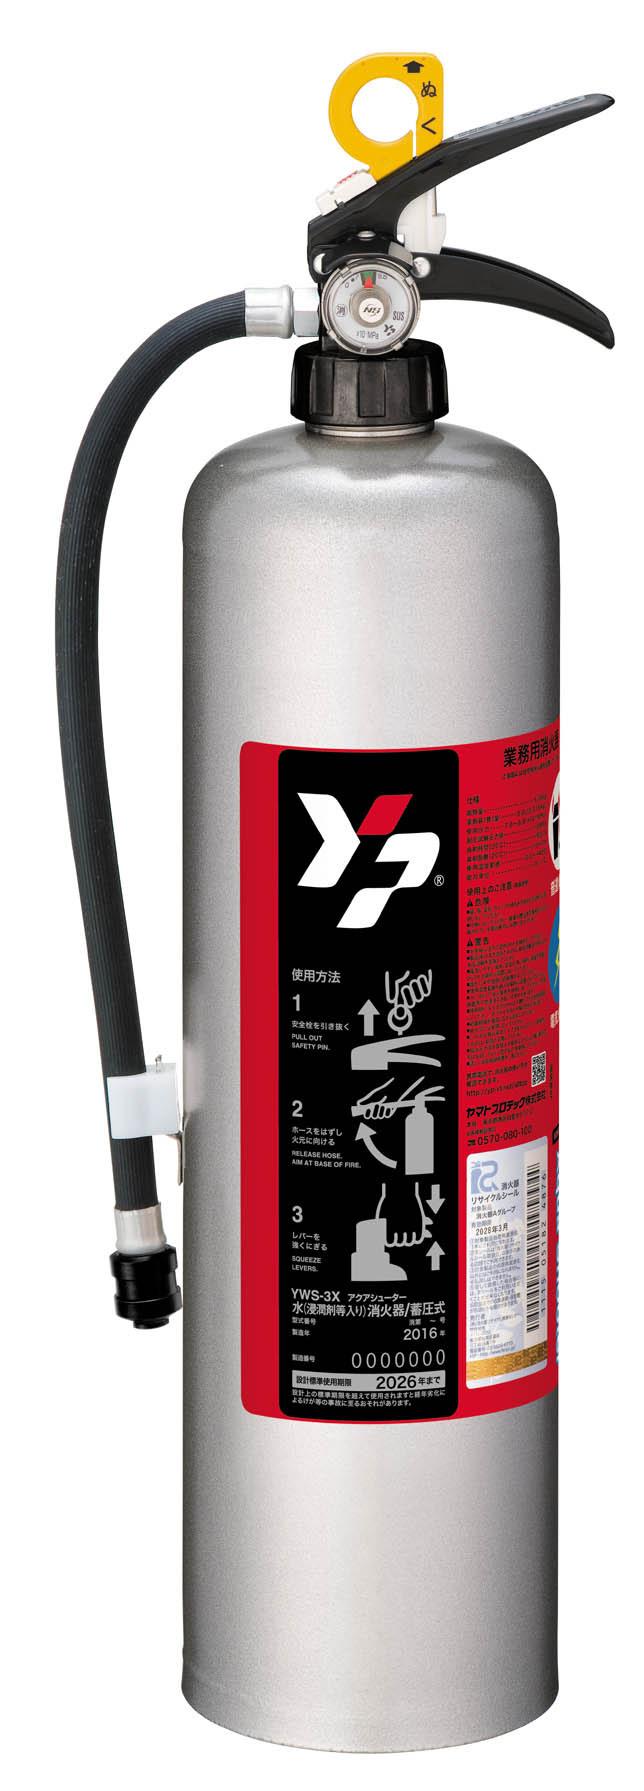 水(浸潤剤等入り)消火器 アクアシューター YWS-3X